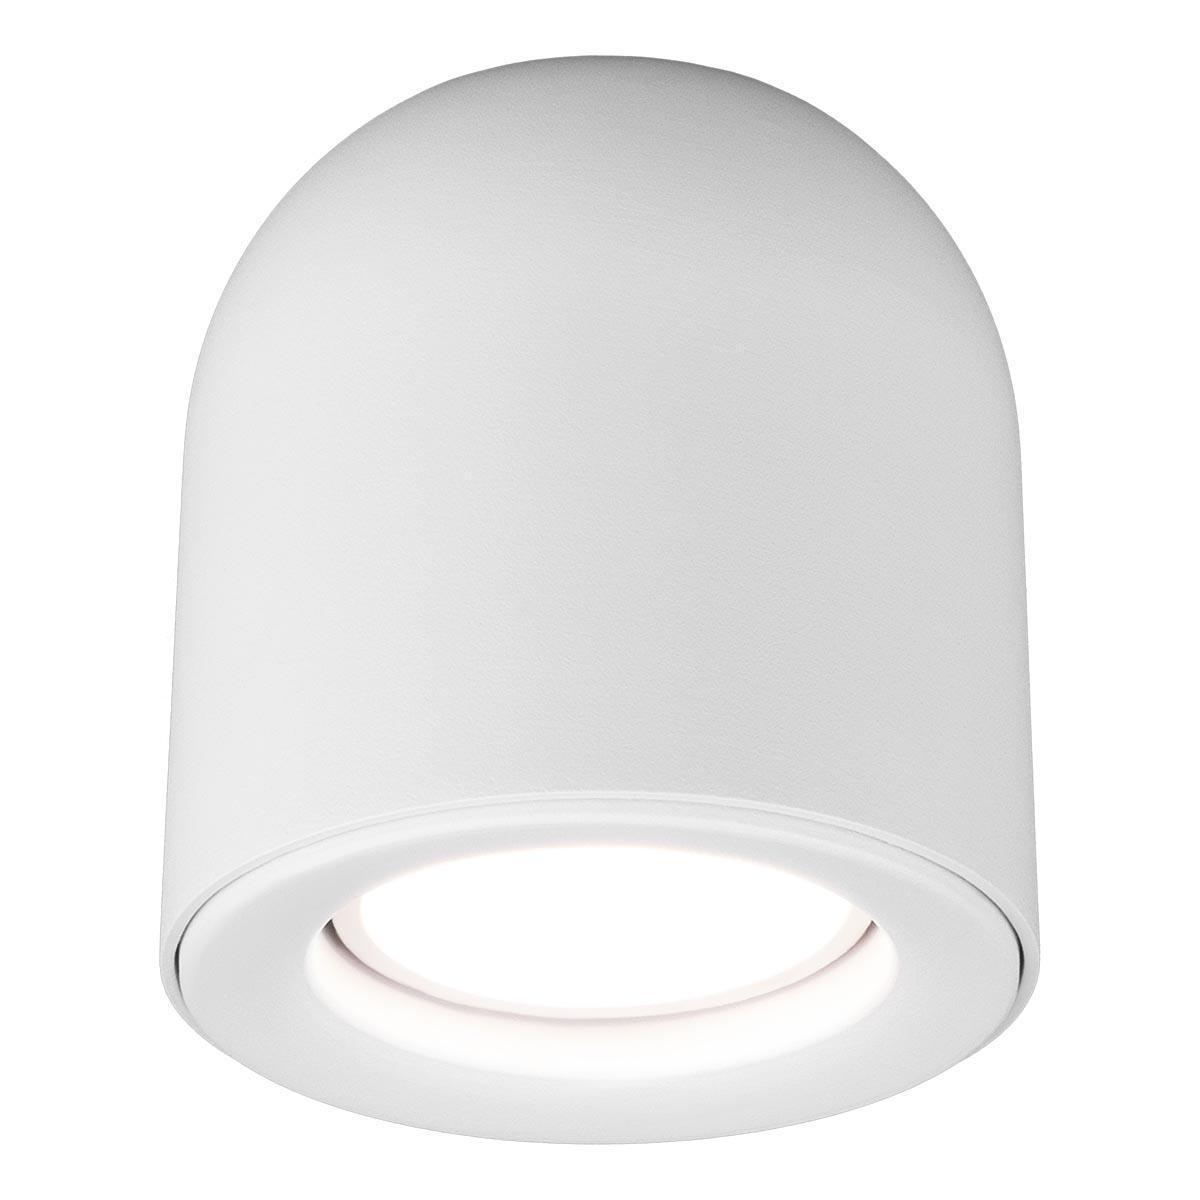 Потолочный светильник Elektrostandard Ogma DLN116 GU10 белый 4690389153303